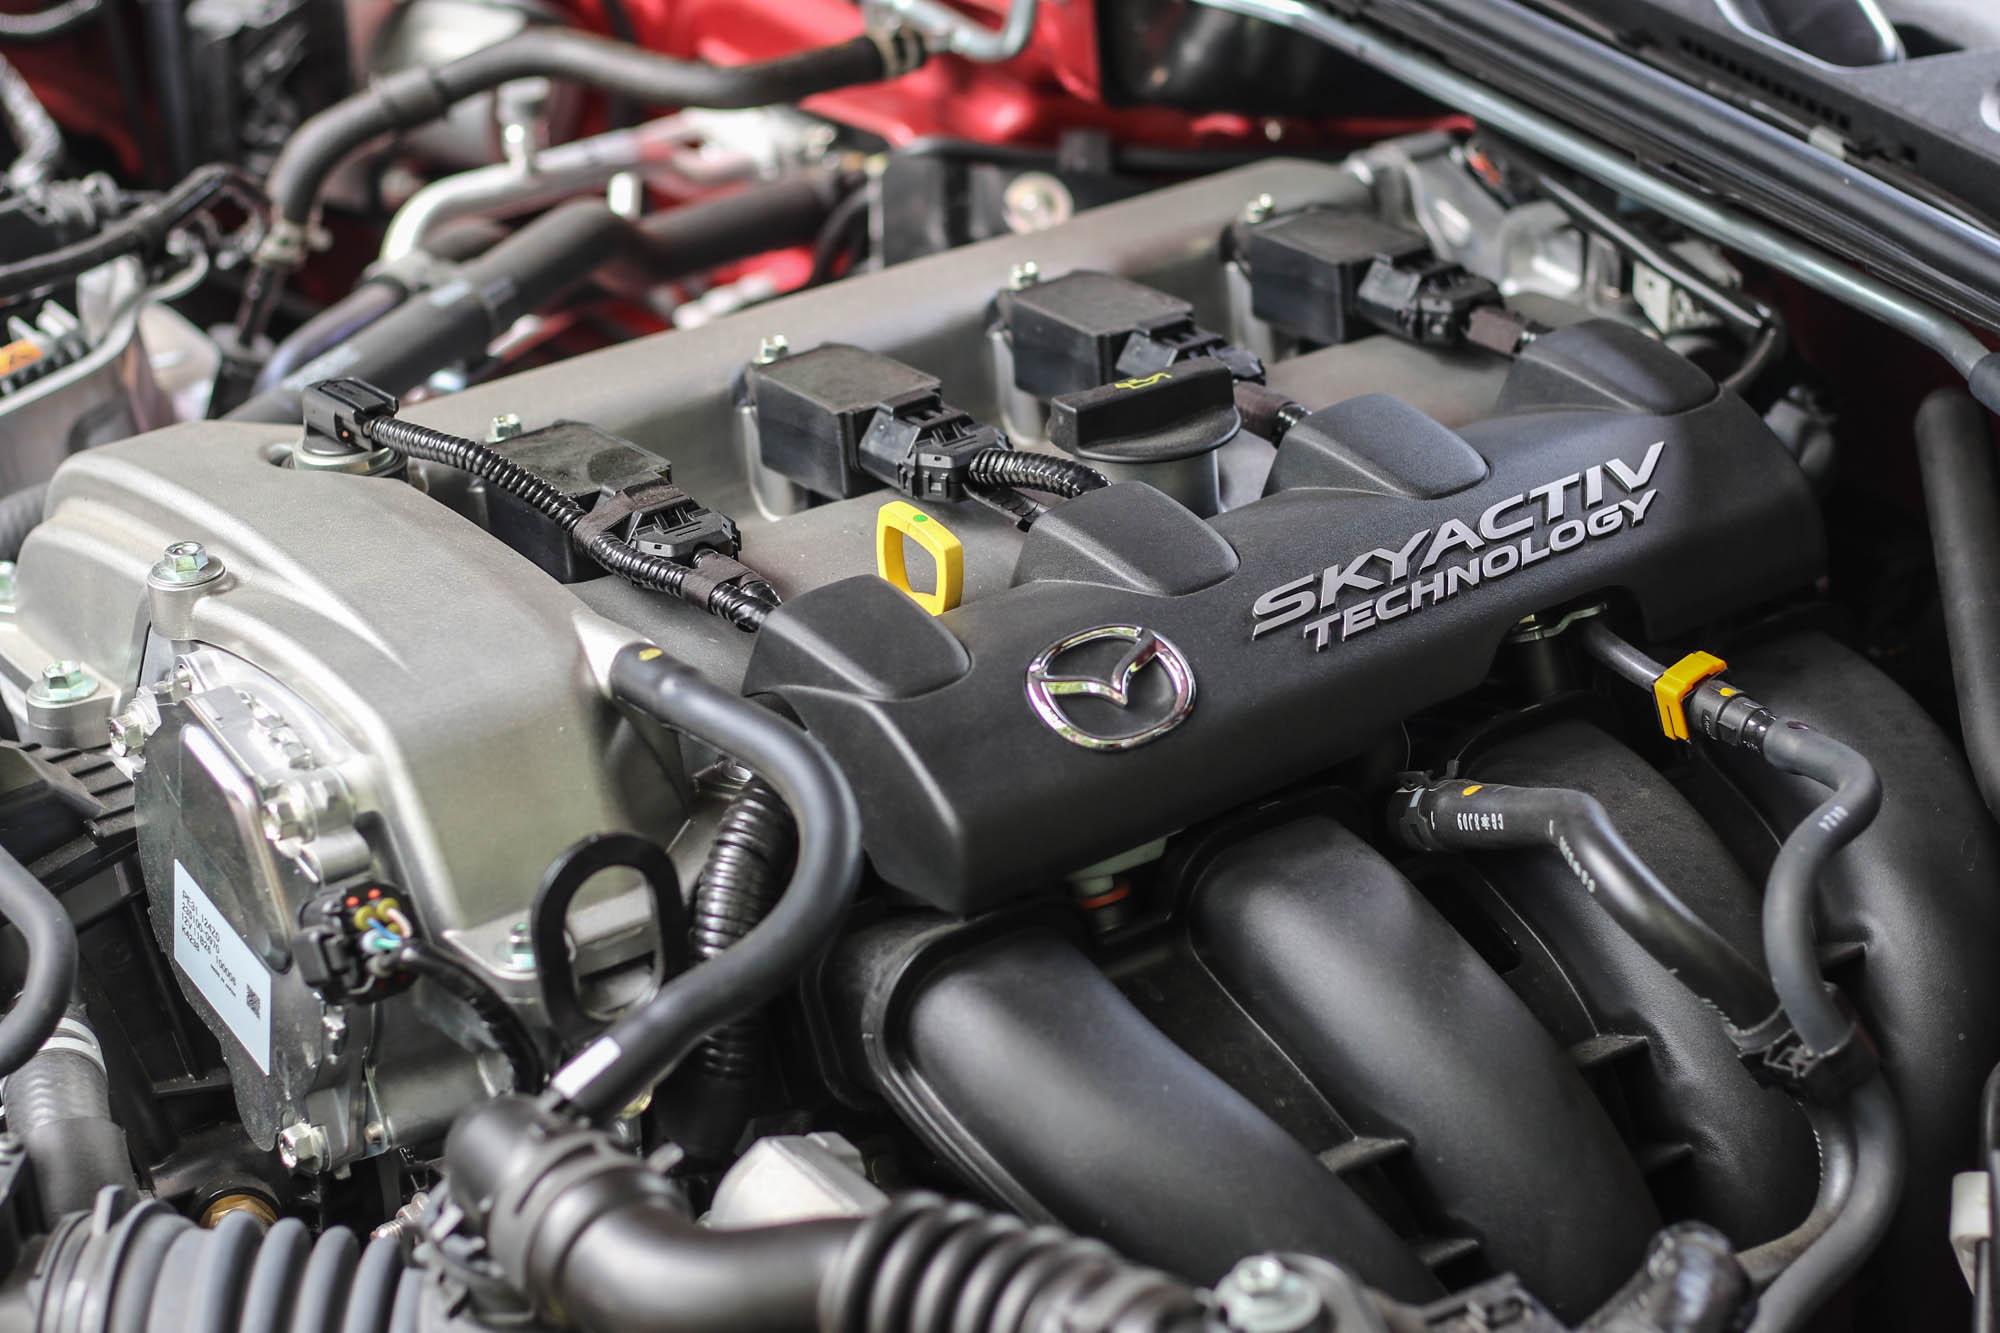 搭載 2.0 升自然進氣直列四缸汽油引擎,具備 184ps/7000rpm 最大馬力輸出與 20.9kgm/4000rpm 最大扭力輸出。